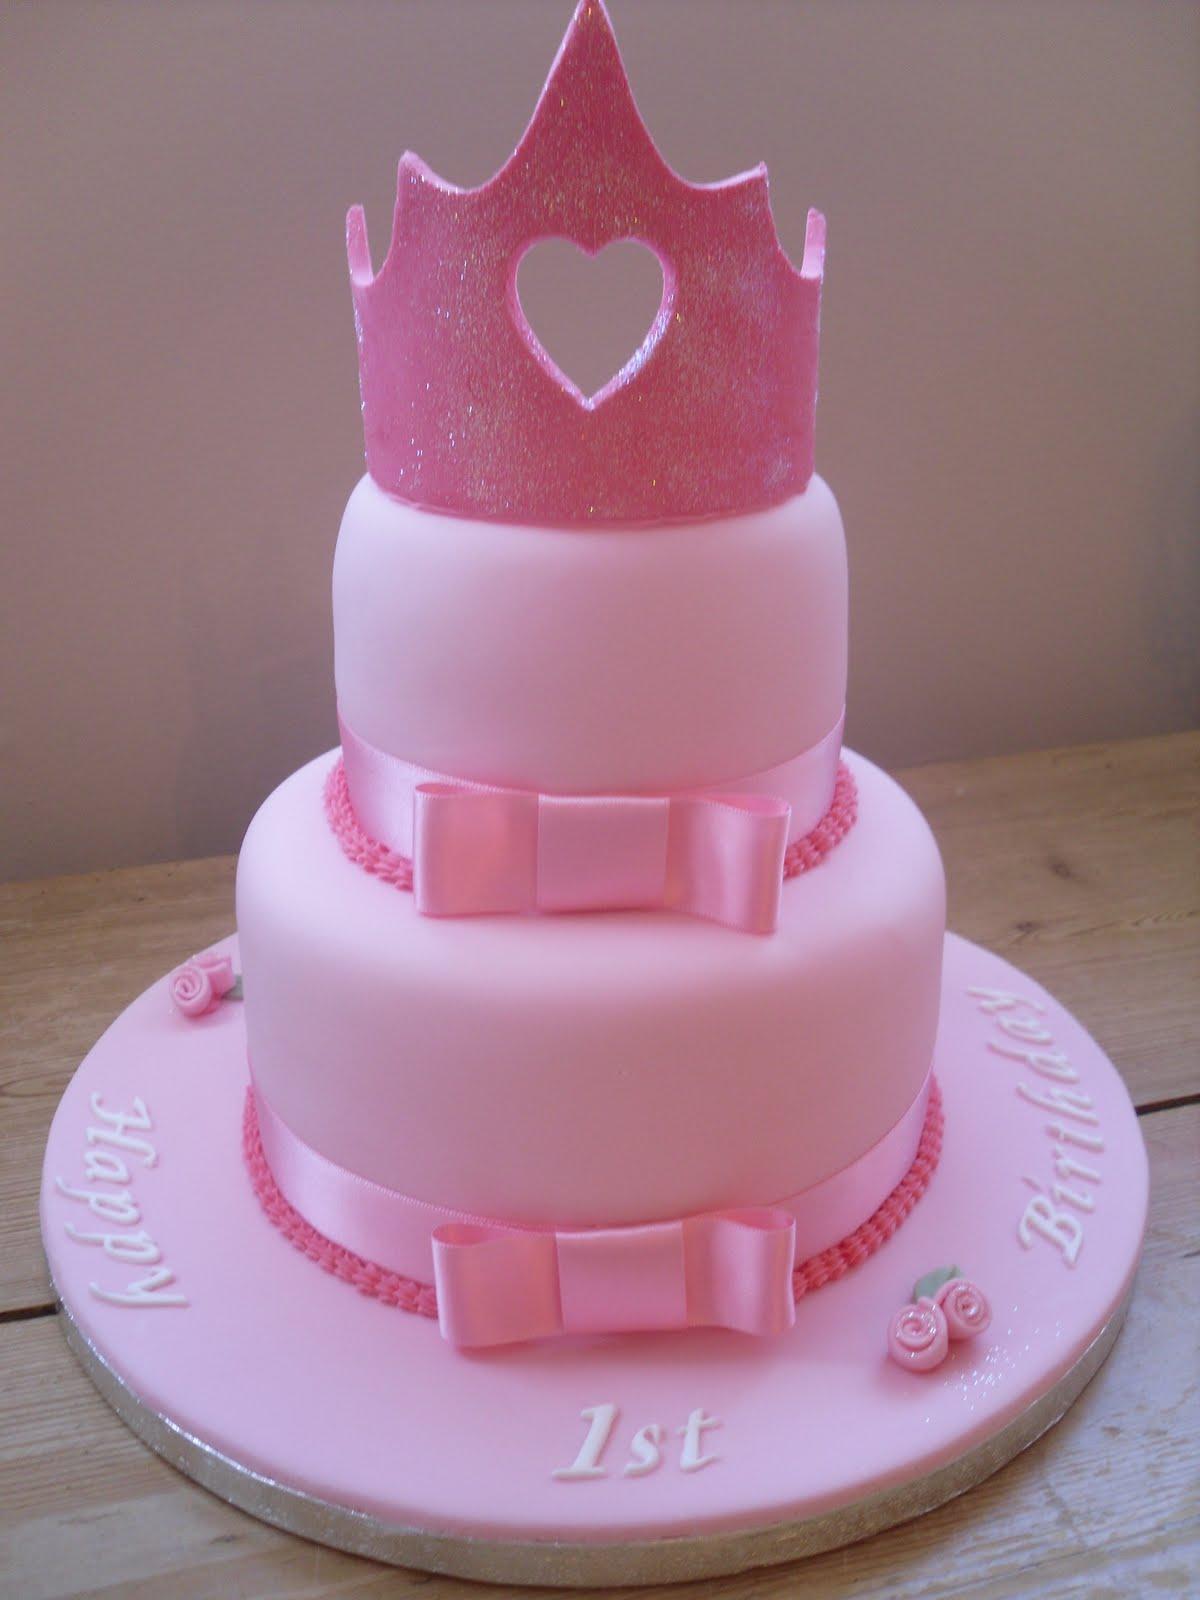 Simple Princess Cake Design : Katies Cupcakes: 2 Tier Princess Cake